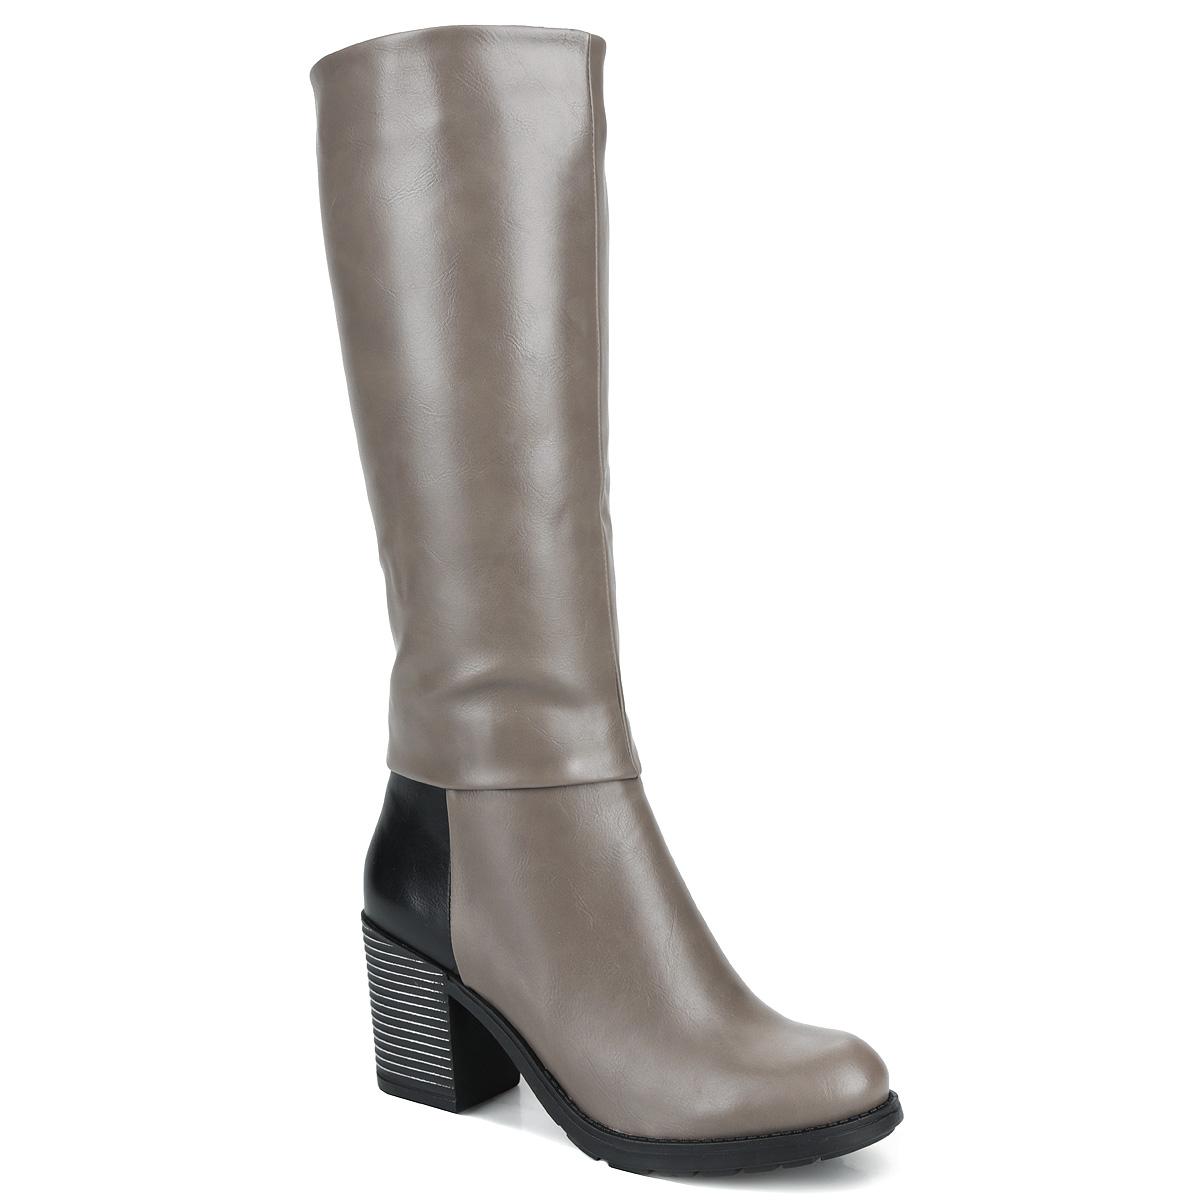 Cапоги женские. Y42-GY-02 CY42-GY-02 CСтильные сапоги от Yaro займут достойное место среди вашей обуви. Модель выполнена из искусственной кожи и оформлена вставкой контрастного цвета на заднике. Сапоги застегиваются на удобную боковую застежку-молнию. Резинки, расположенные на голенище, отвечают за оптимальную посадку модели на вашей ноге. Мягкая подкладка и стелька из байки сохраняют тепло, обеспечивая максимальный комфорт при движении. Умеренной высоты каблук с рельефной поверхностью оформлен напылением. Каблук и подошва дополнены противоскользящим рифлением. Удобные сапоги - незаменимая вещь в гардеробе каждой женщины.